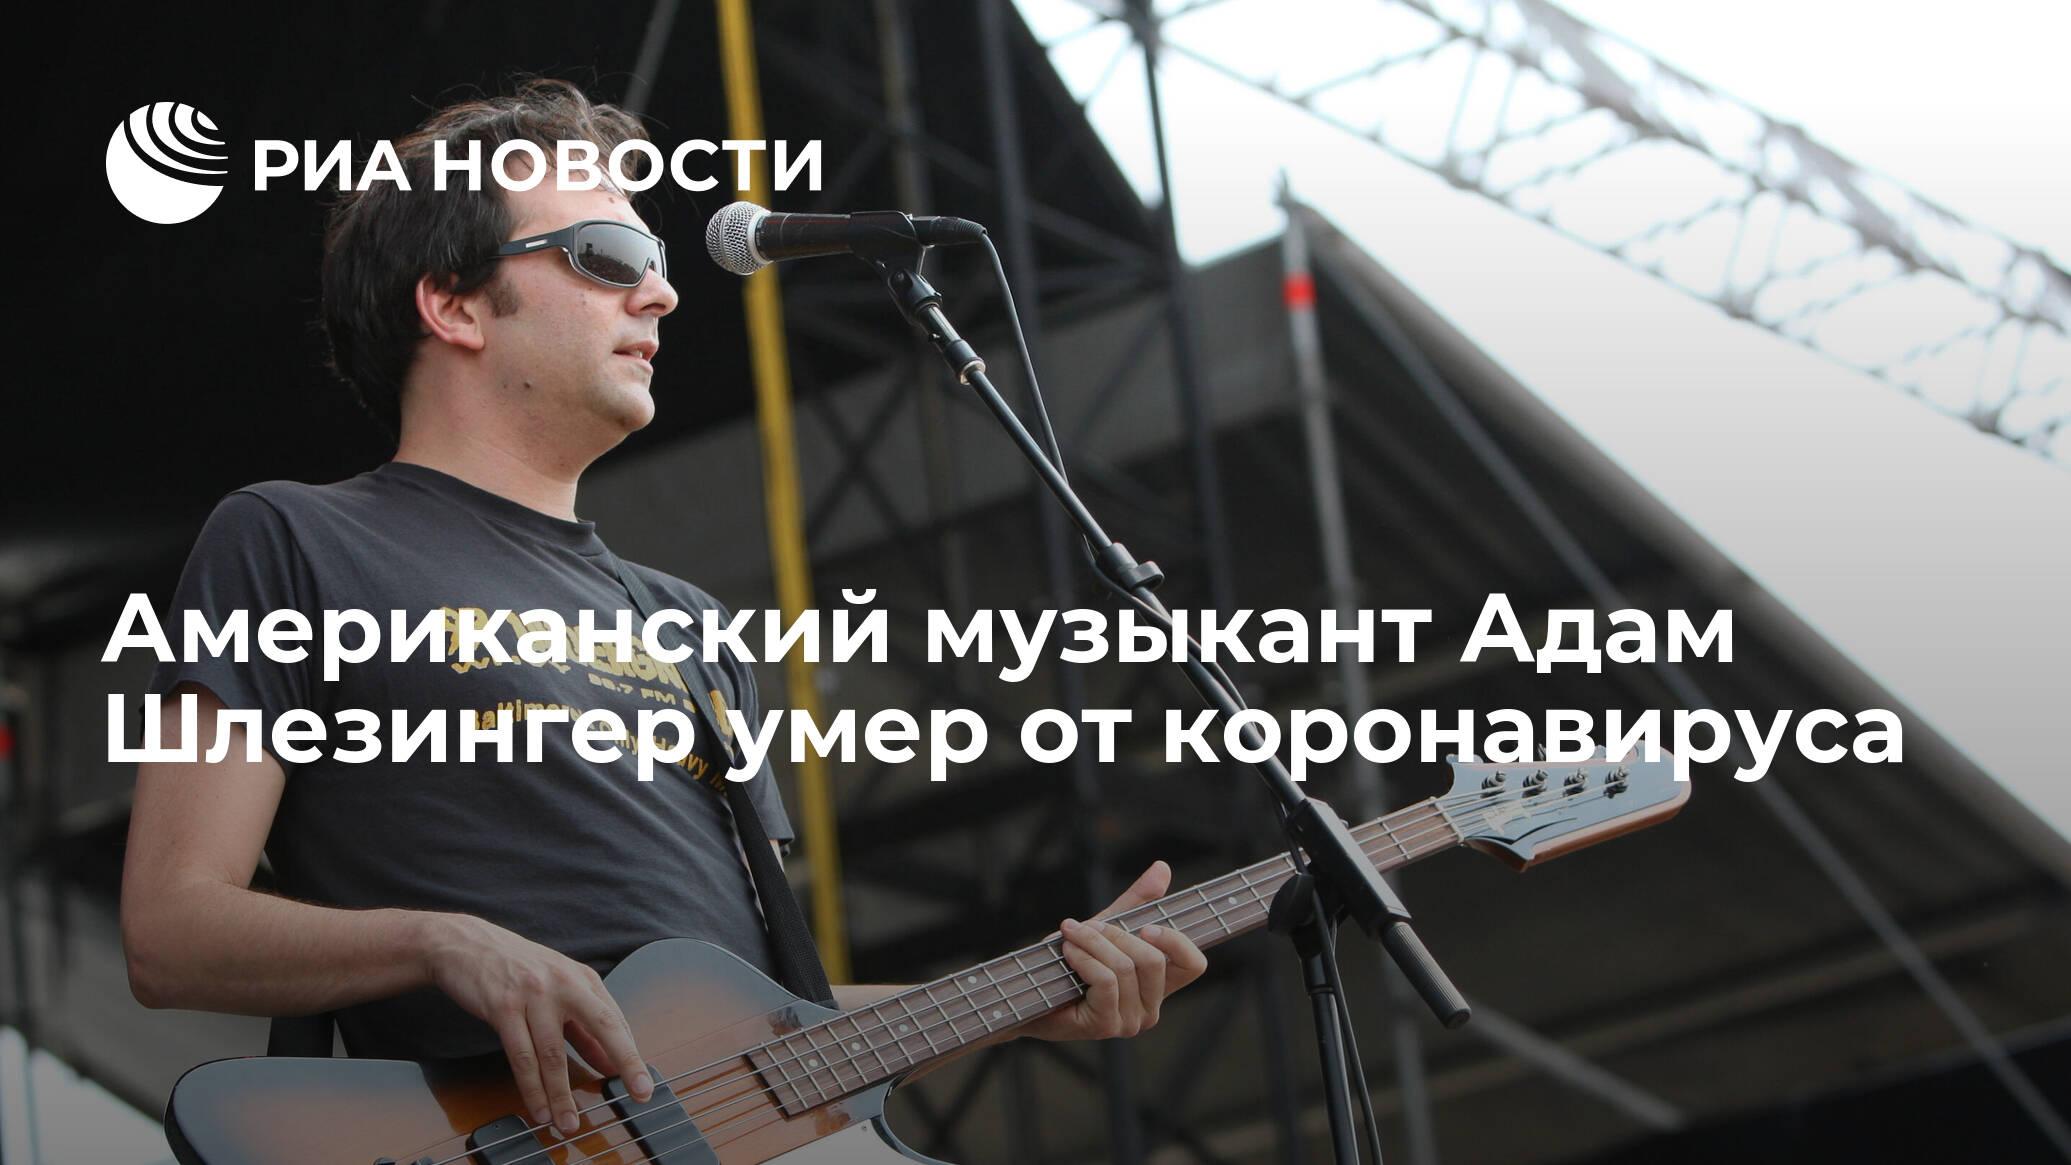 Американский музыкант Адам Шлезингер умер от коронавируса